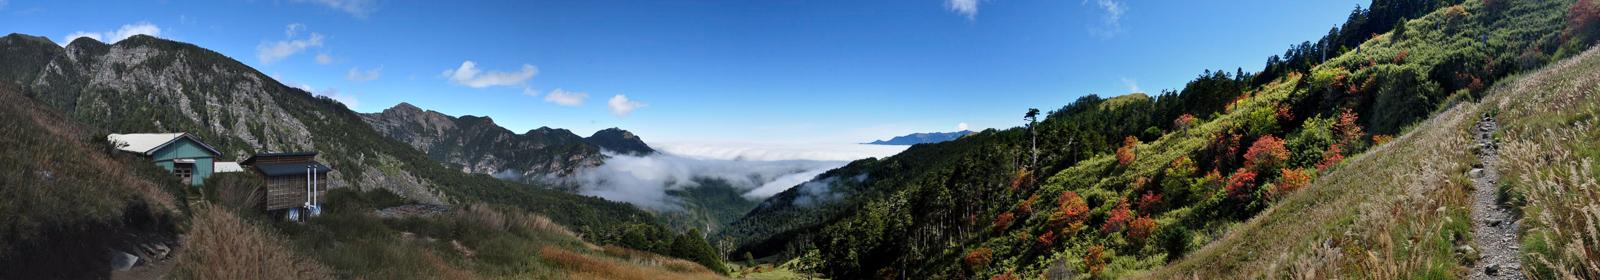 Panorama národního parku Sheipa na ostrově Taiwan